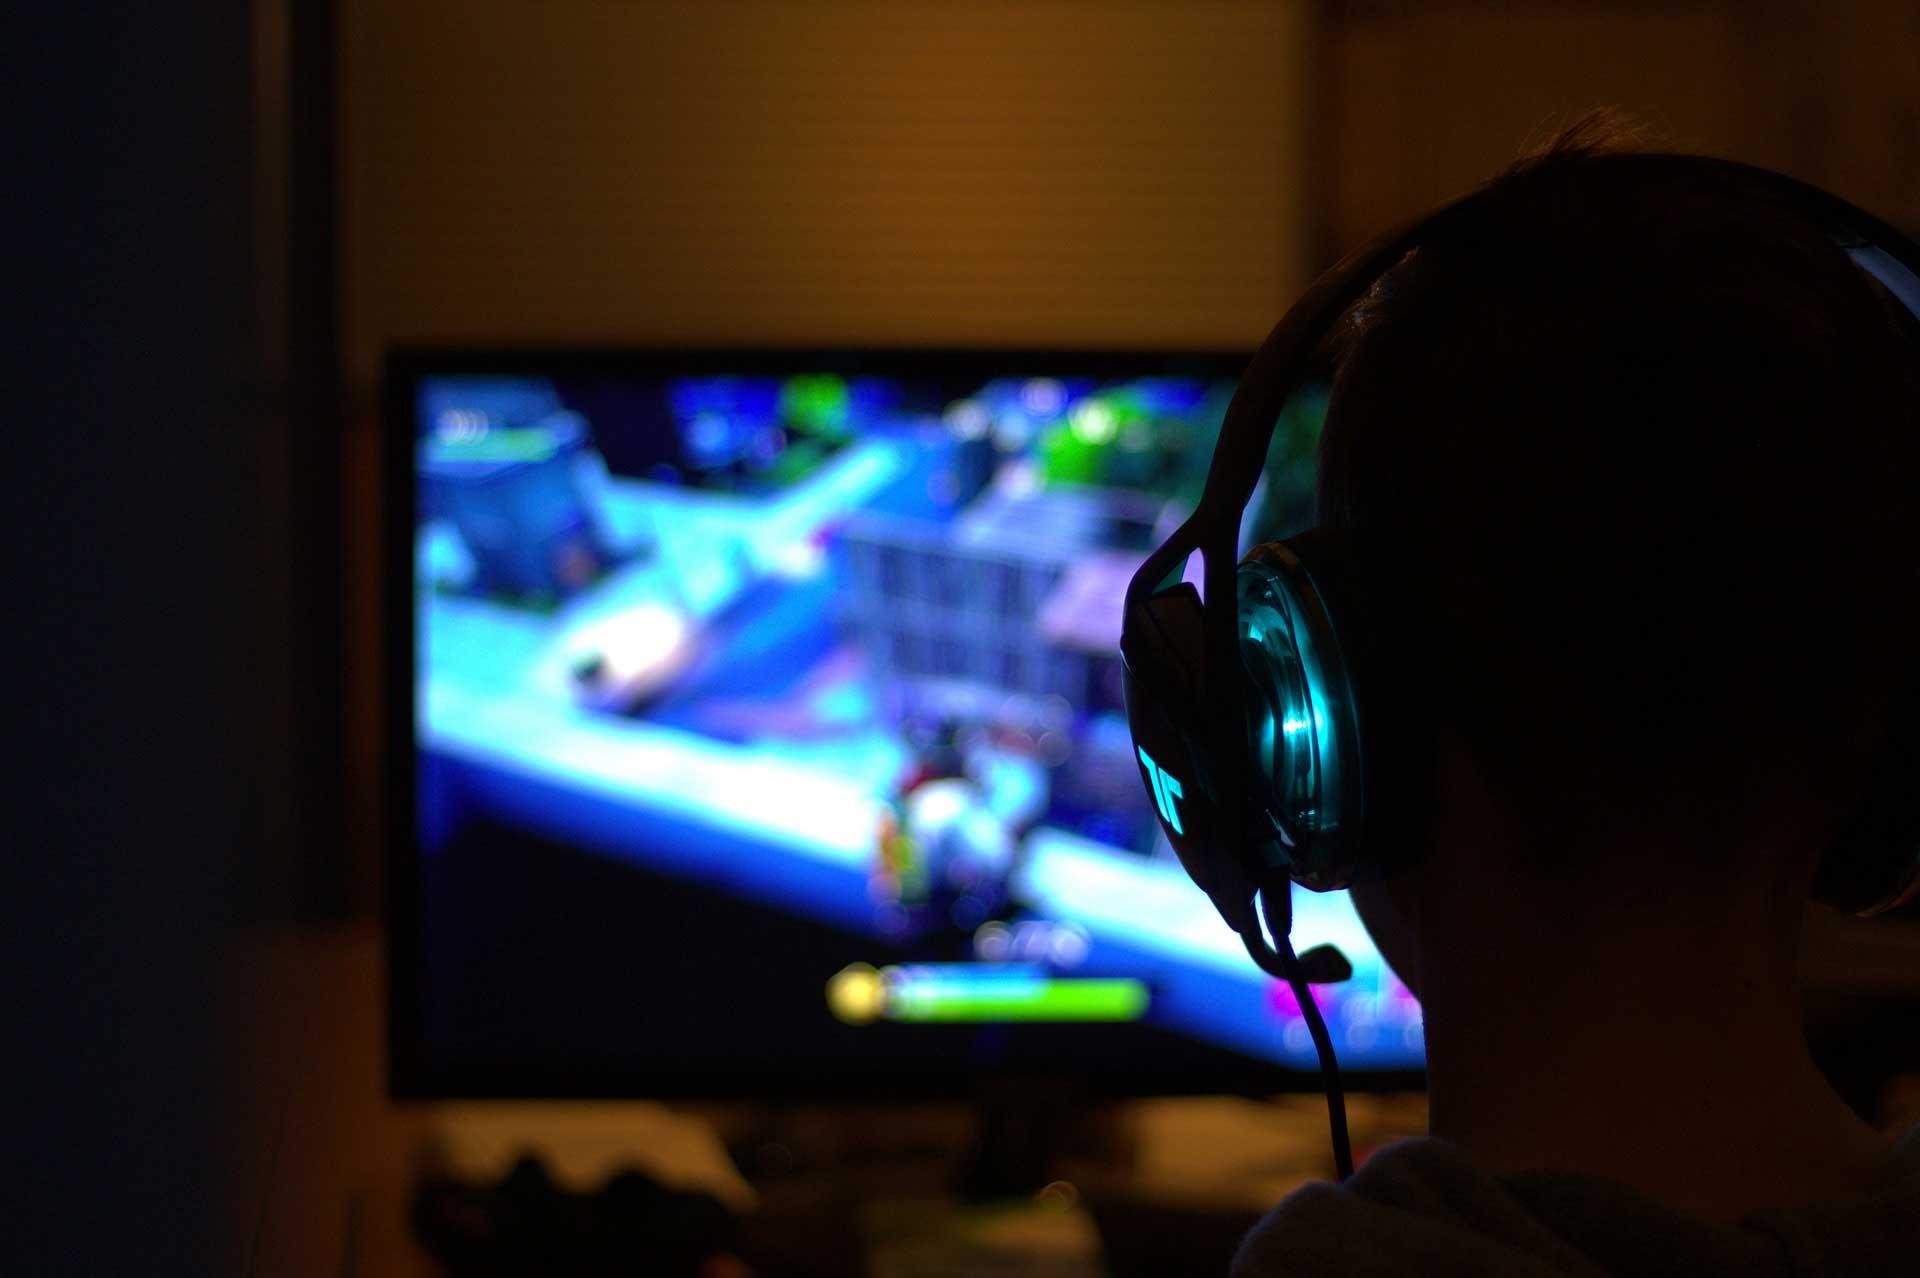 Bilgisayar Basindaki Bir Oyuncu